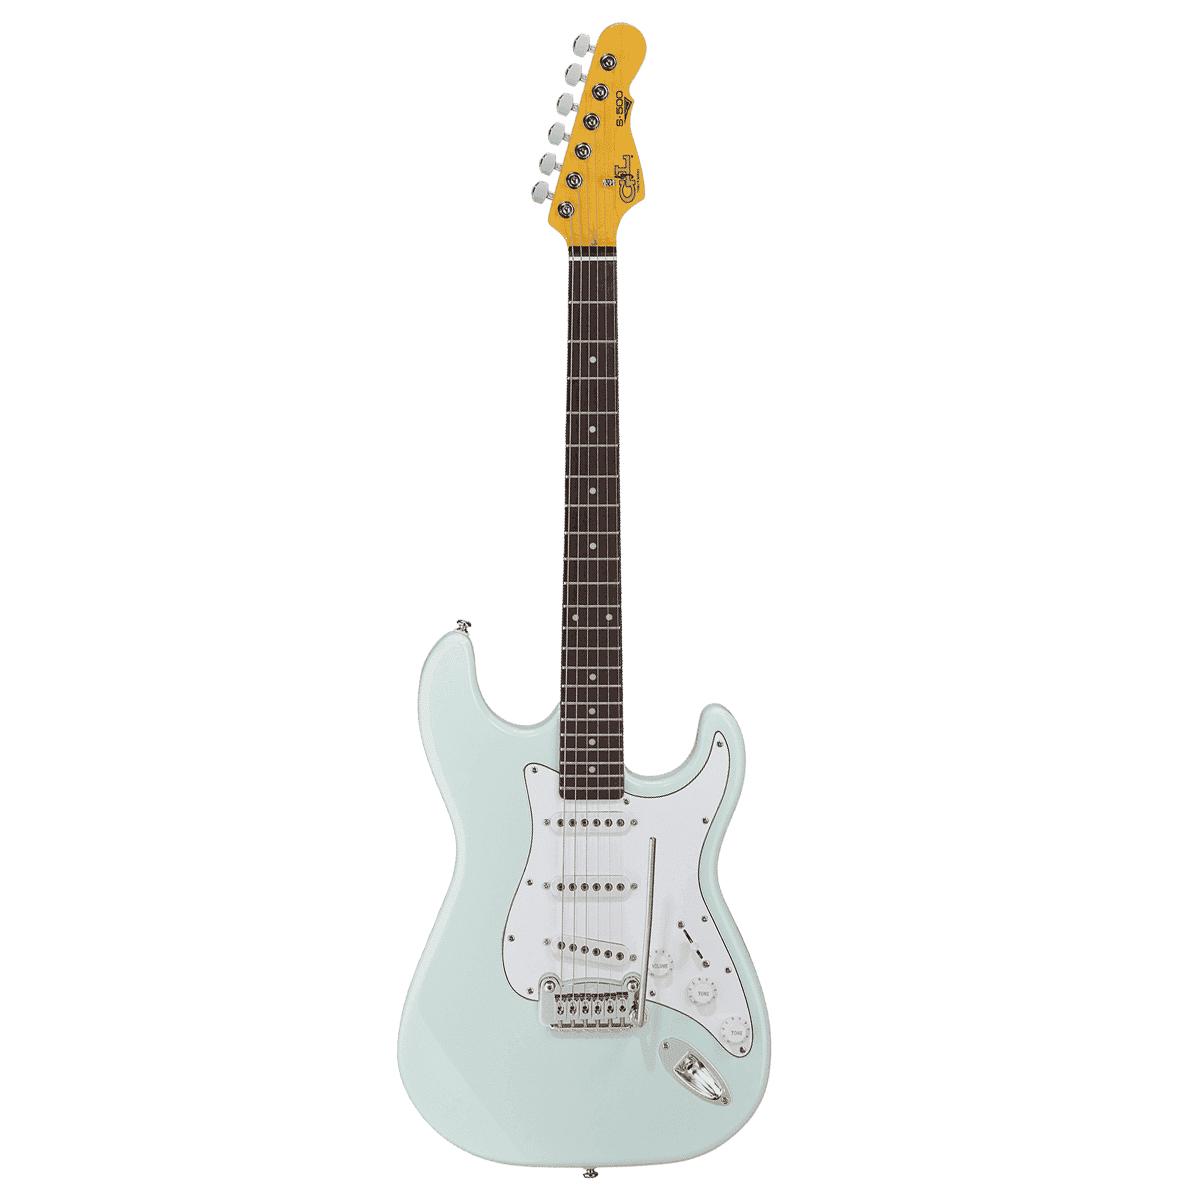 GandL - Tribute S500 Blue sonic - Guitare électrique